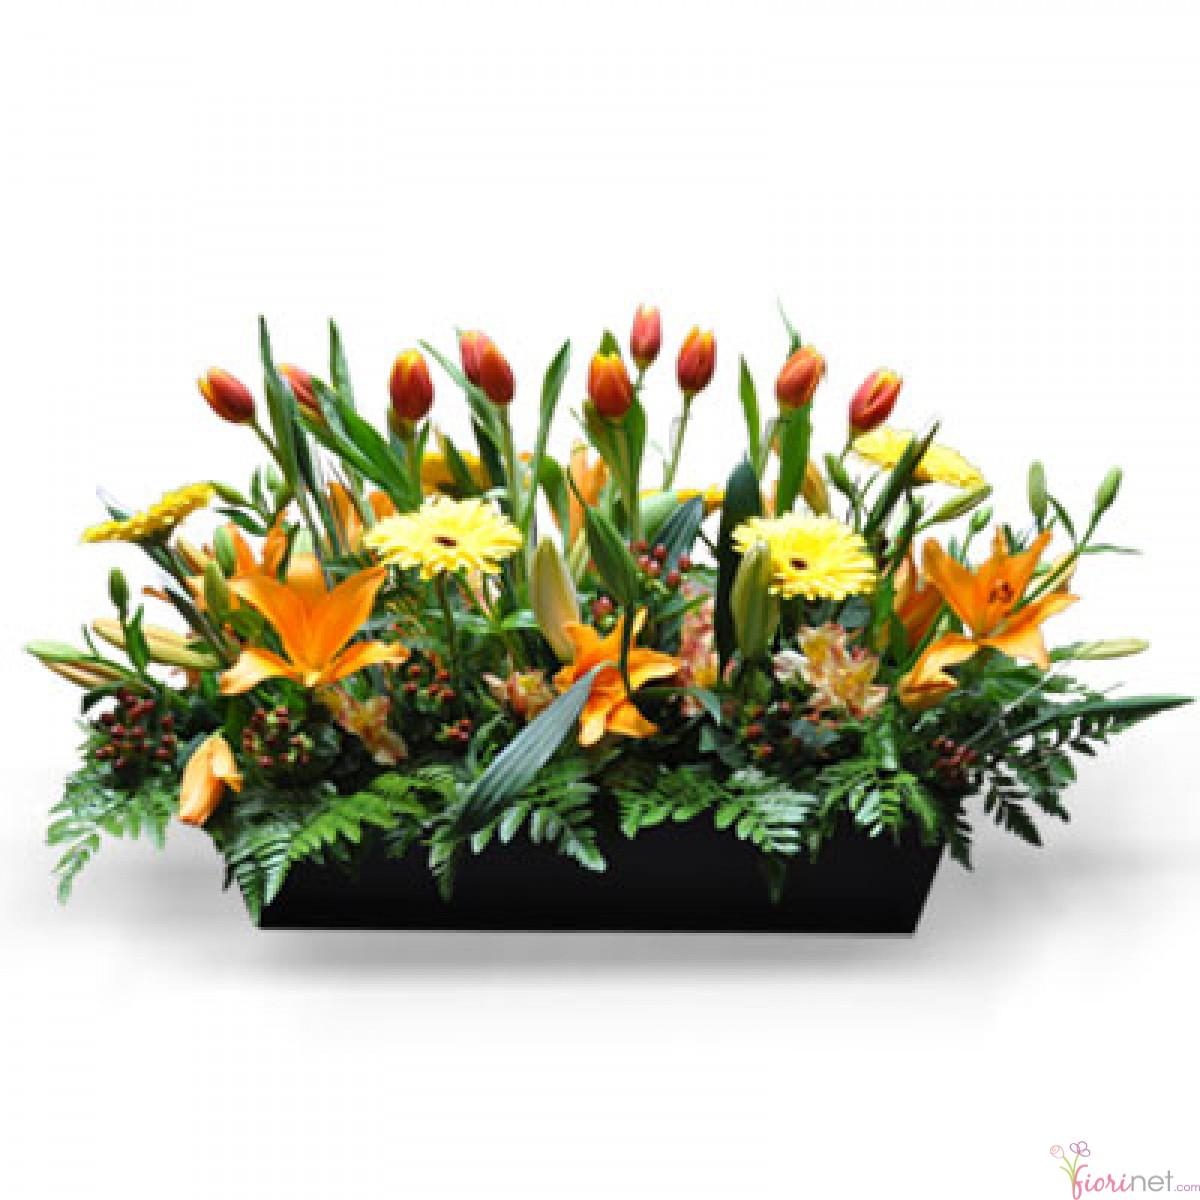 Flores fiorinet florerias jardinera de tulipanes - Tipos de jardineras ...